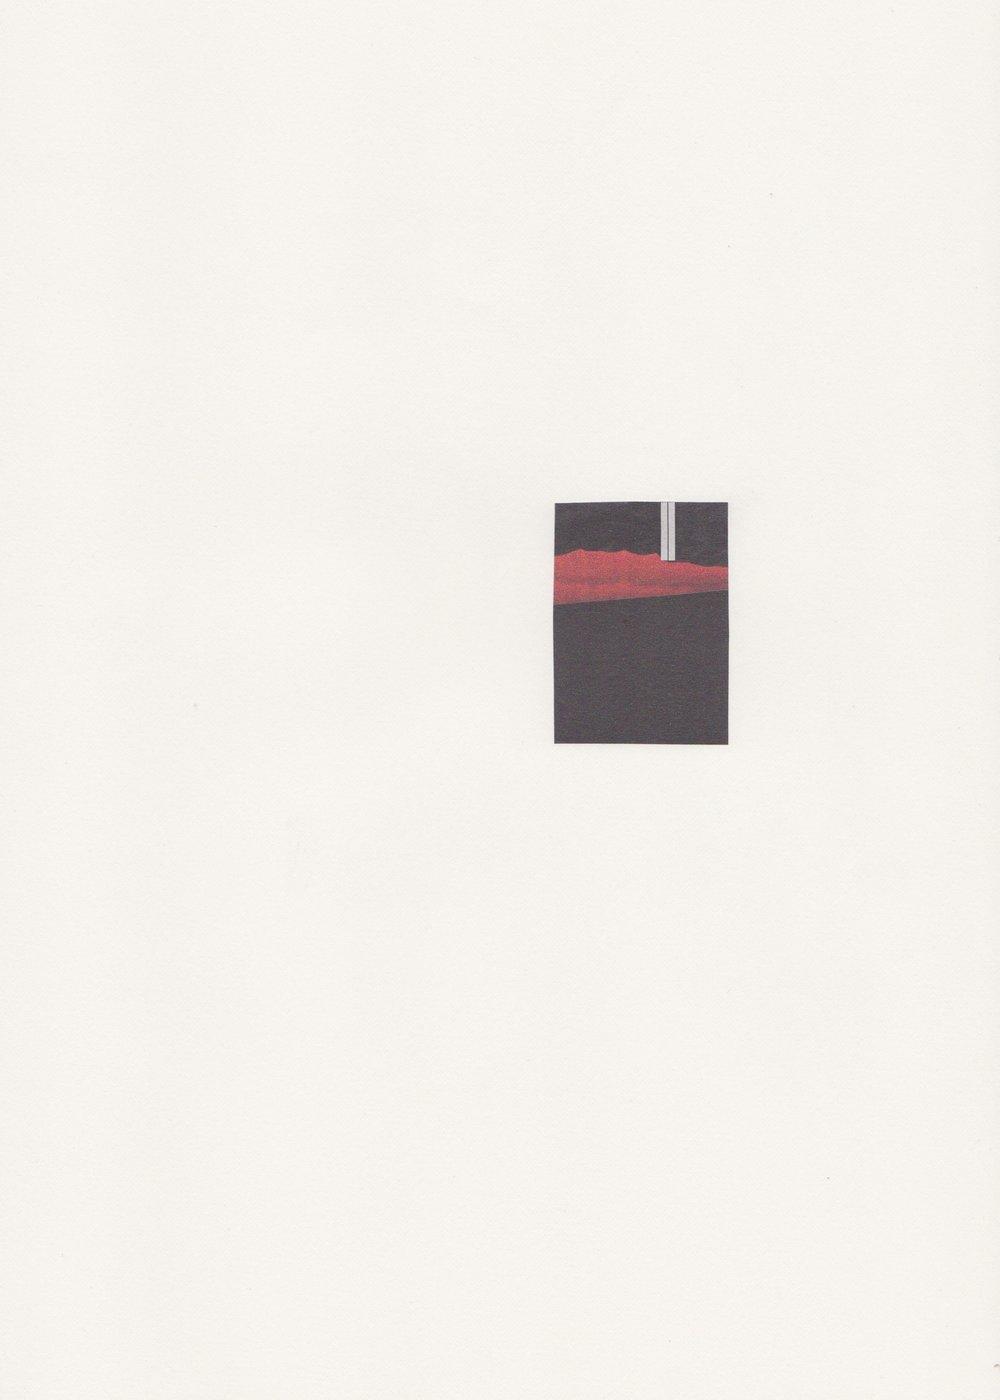 Ultra moderne solitude - Assemblage sur papier velin - Collage 4,9 x 3,6 cm - 2017